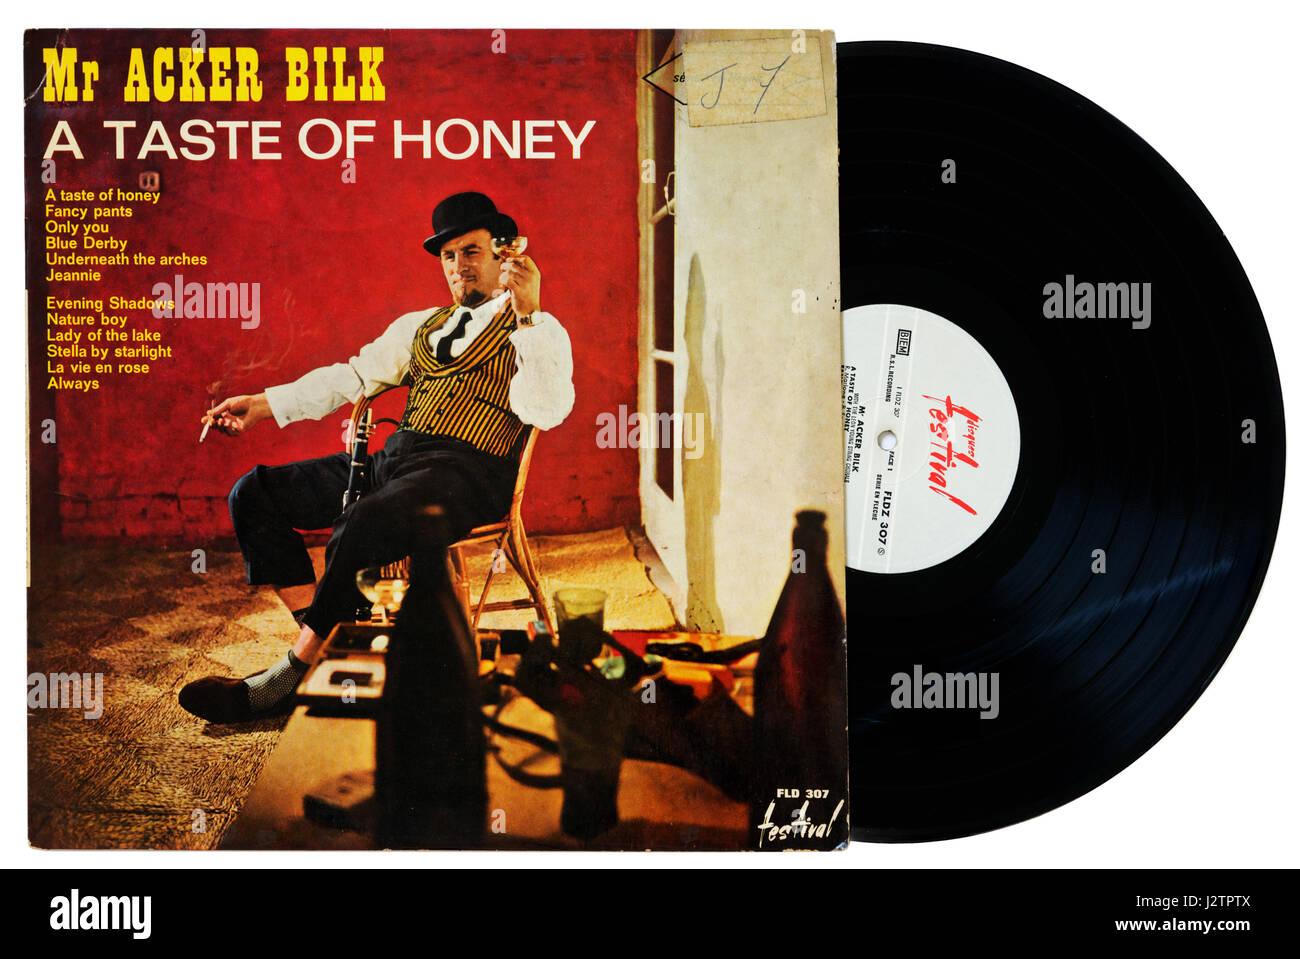 Acker Bilk album un goût de miel sur le vinyle Photo Stock